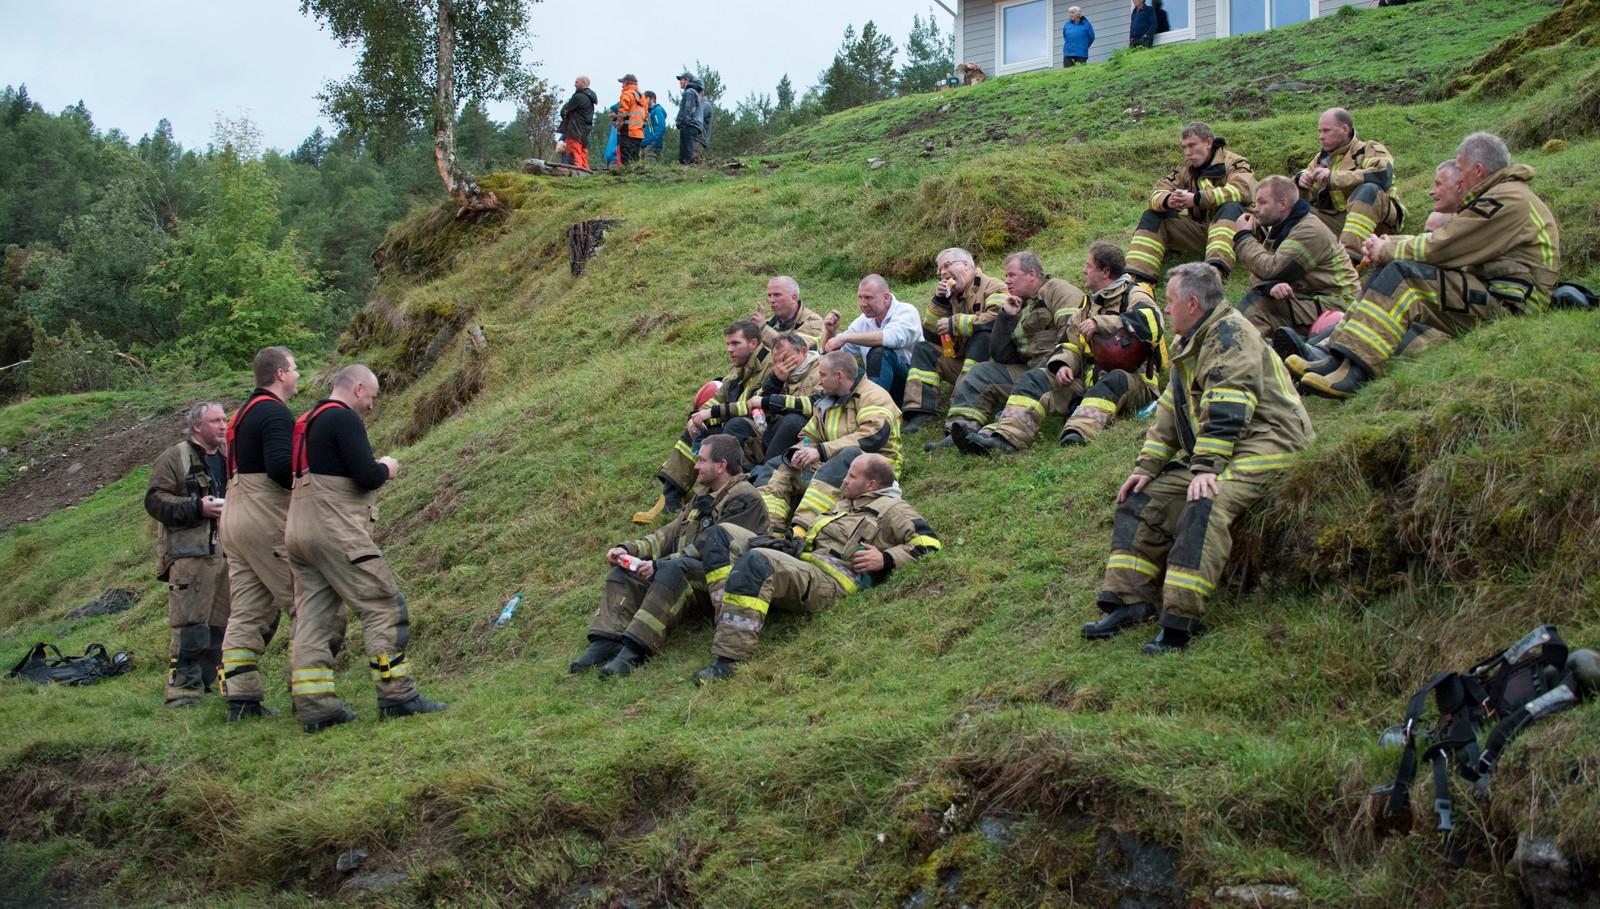 Det var brannfolk frå Stryn og instruktørar frå Florø med på øvinga.